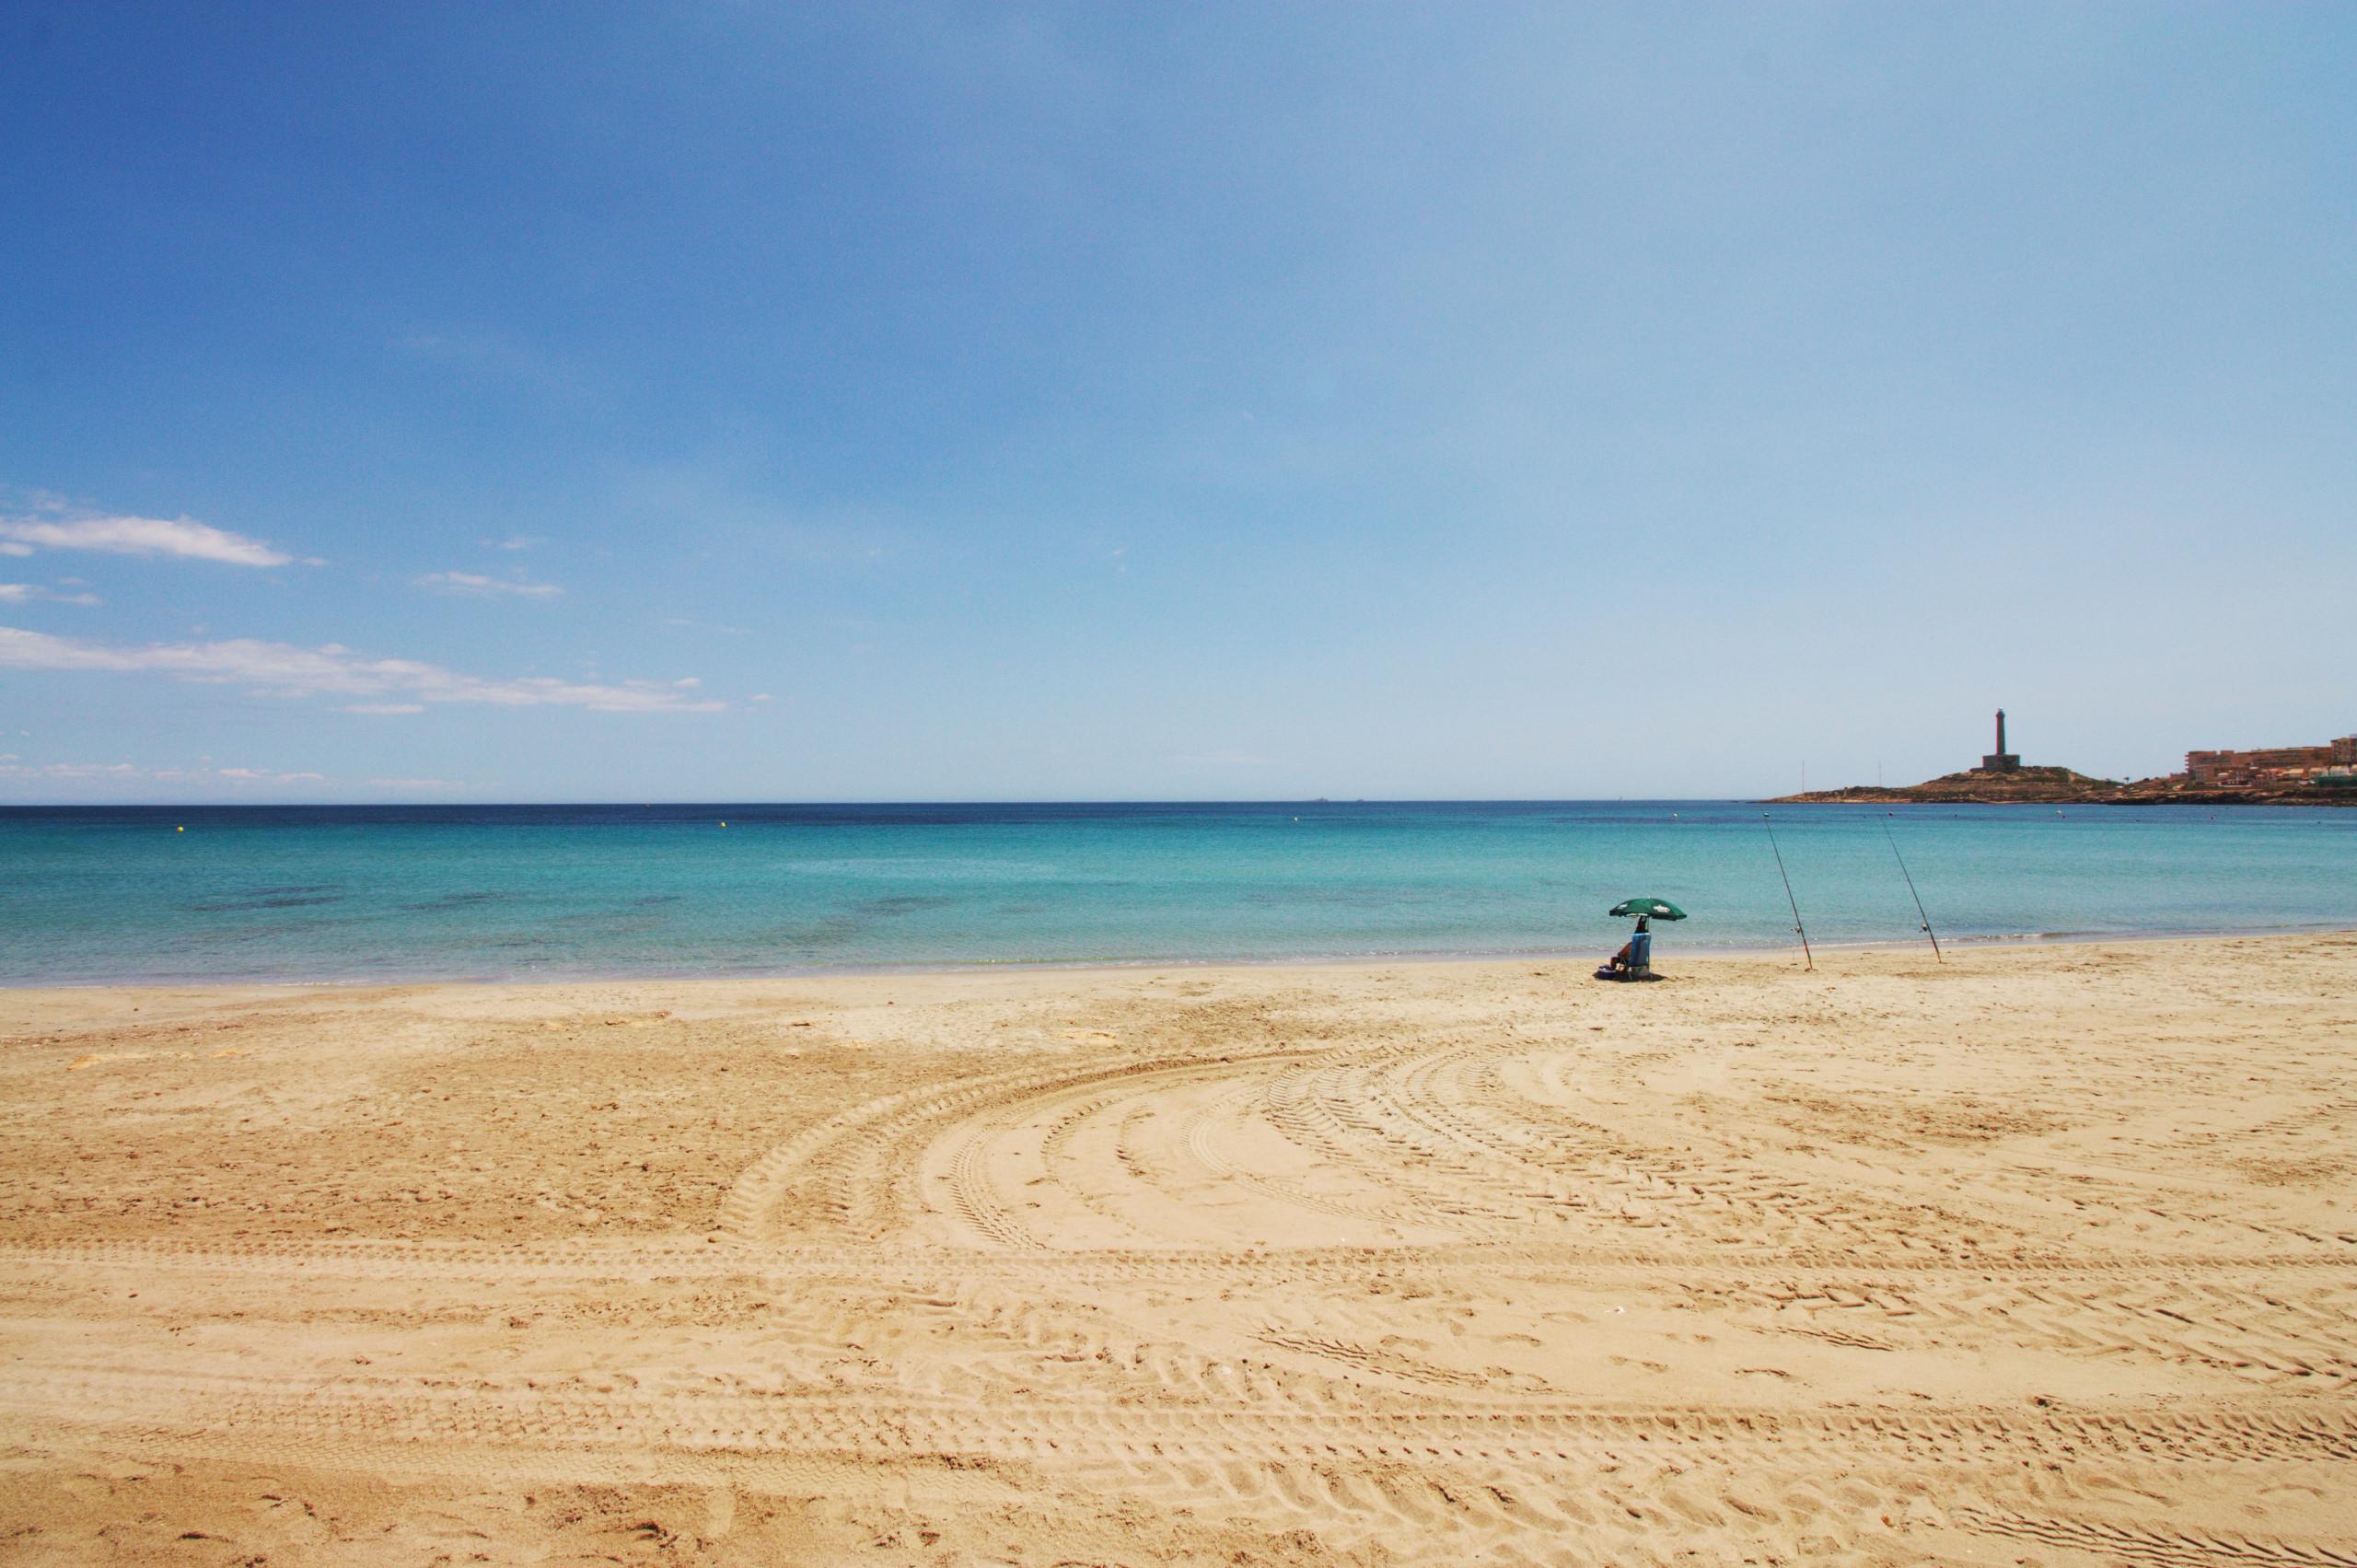 playa de levante, cabo de palos